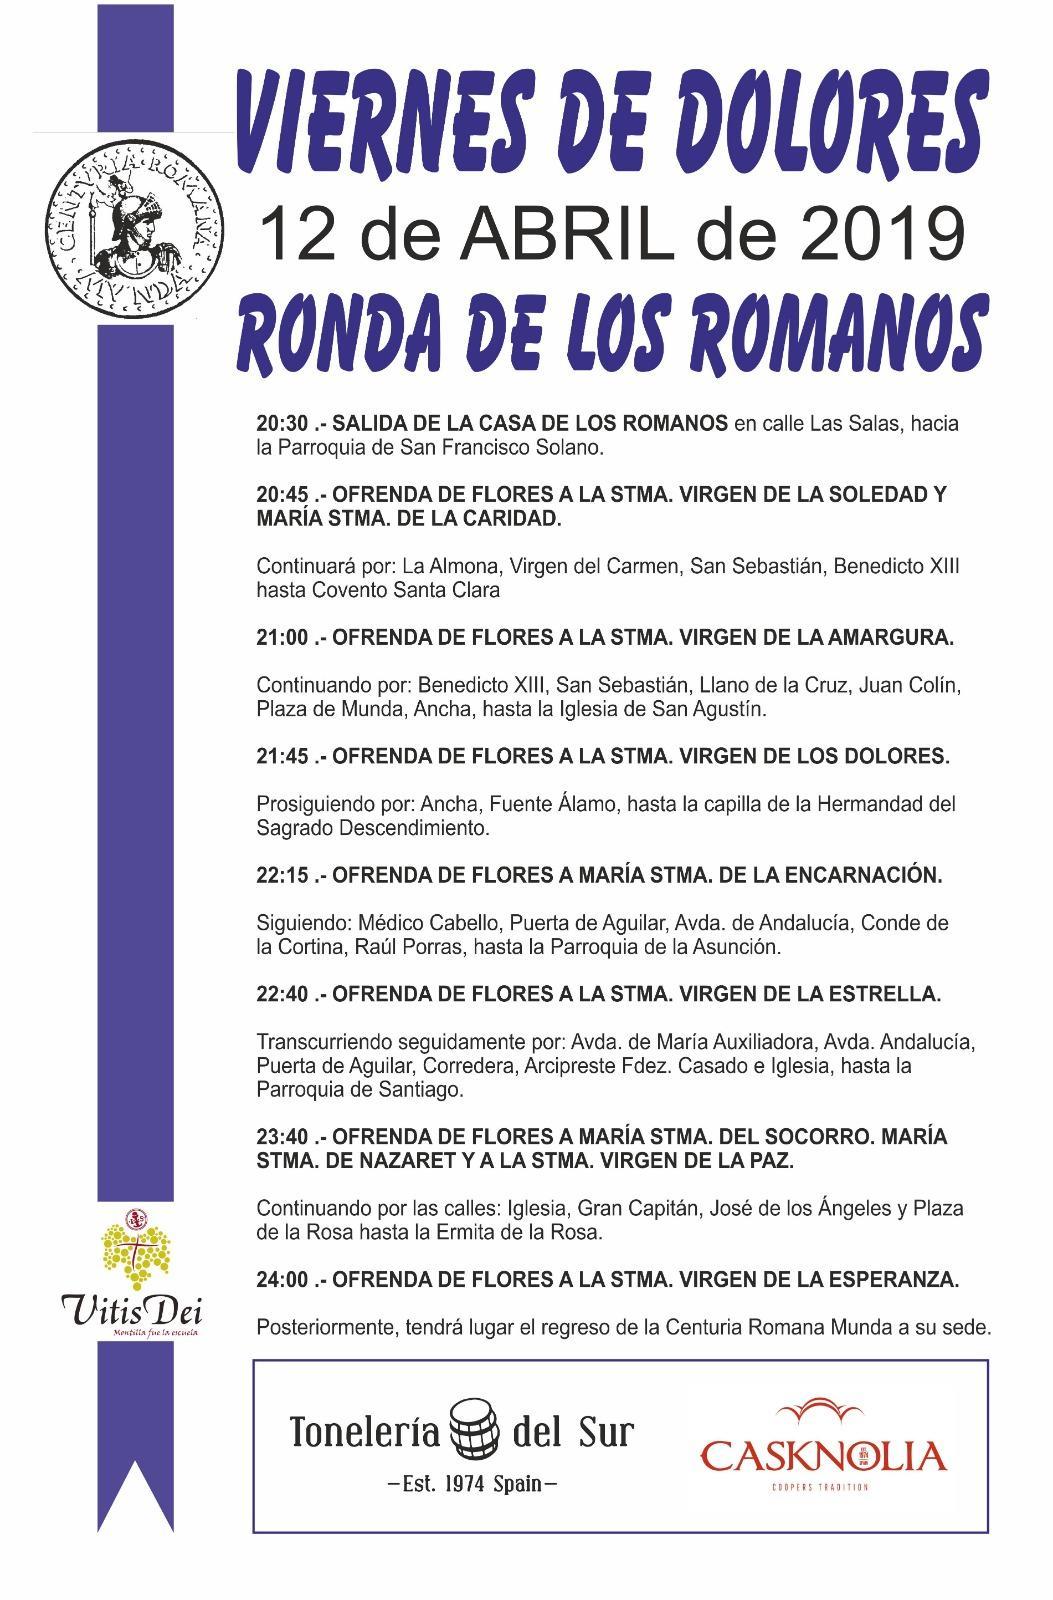 Ronda de los Romanos del Viernes de Dolores